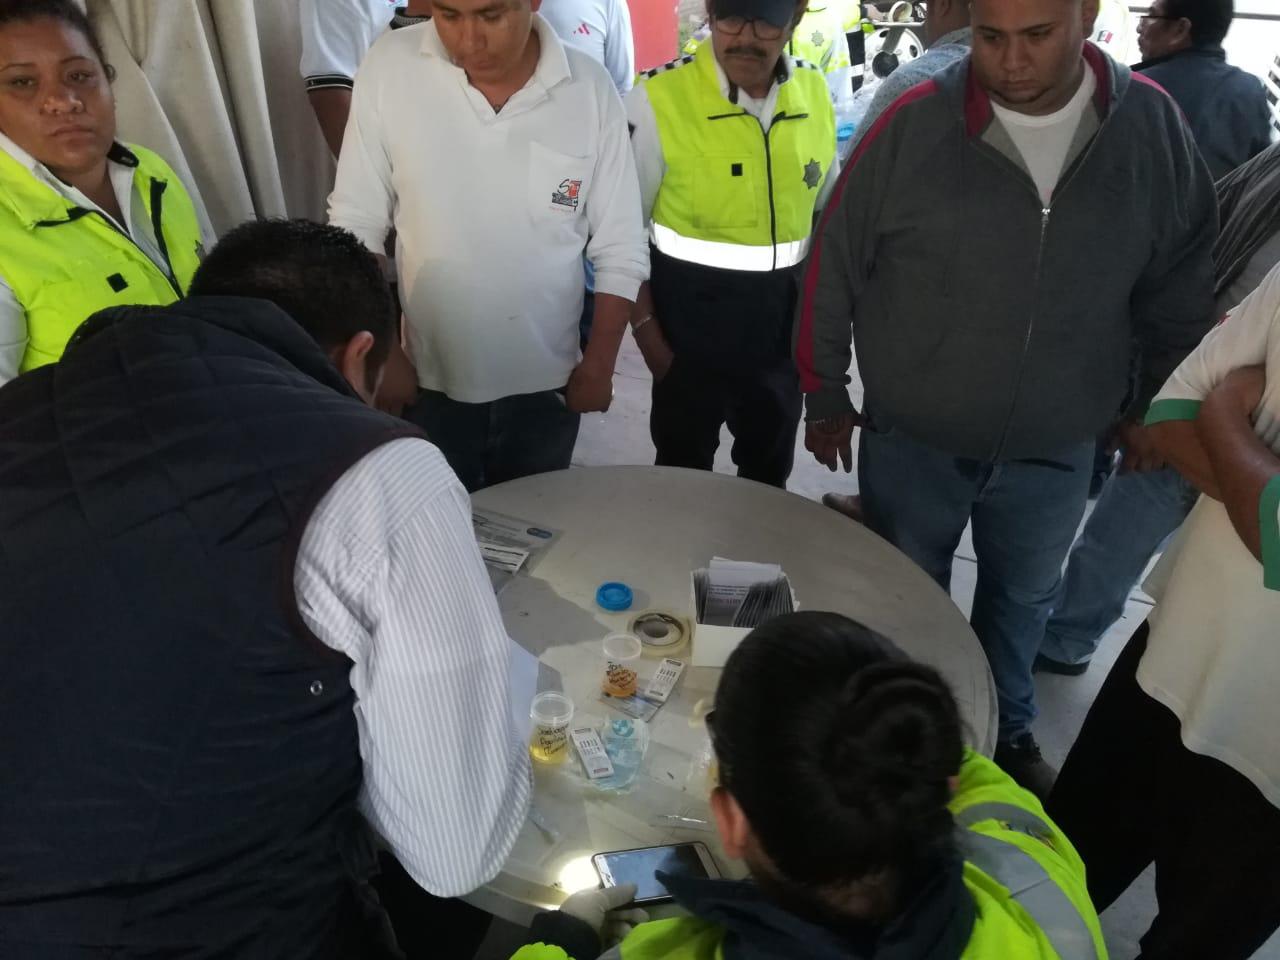 APLICAN PRUEBAS ANTIDOPING A CONDUCTORES DE URBANOS. 2